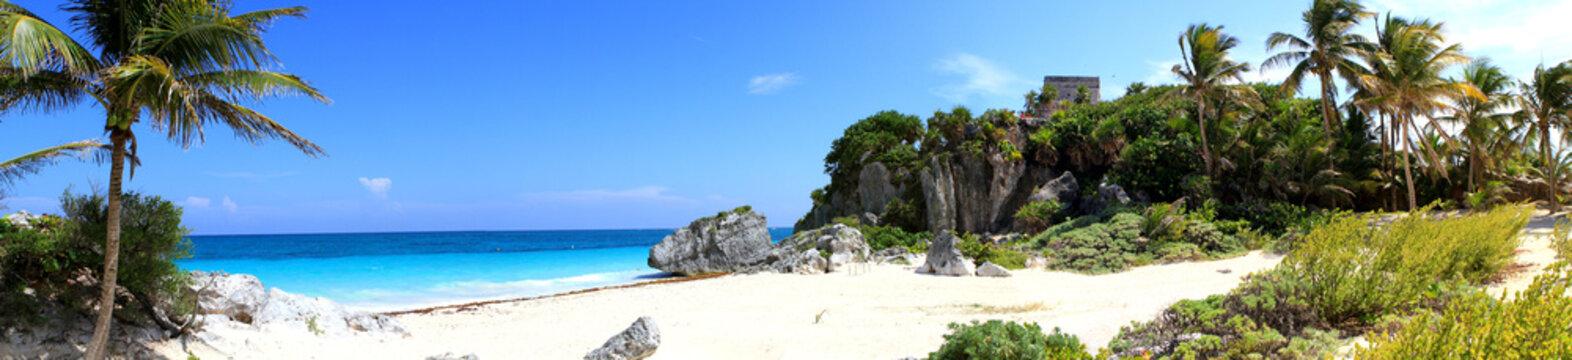 panoramique plage et ruines de tulum - Mexique